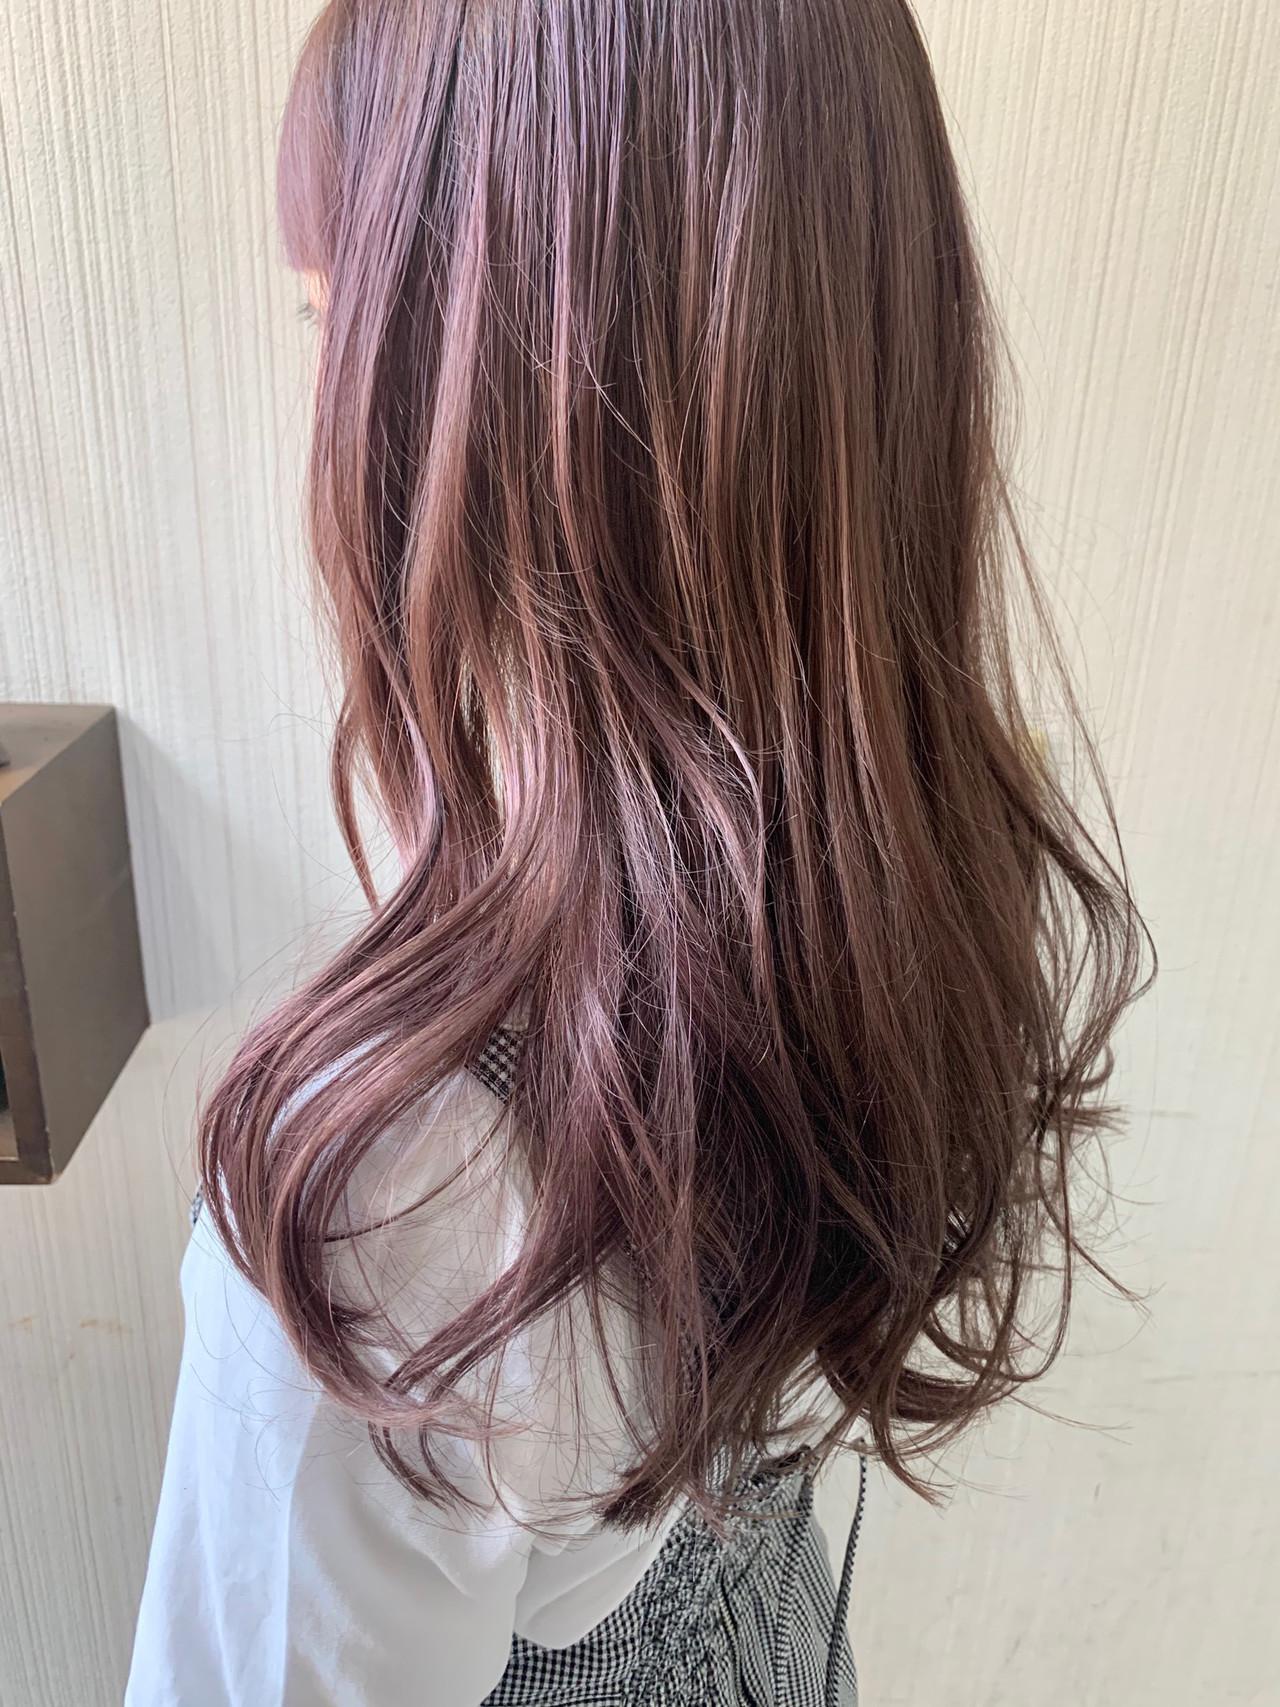 アンニュイほつれヘア 外国人風 大人かわいい ピンクブラウン ヘアスタイルや髪型の写真・画像